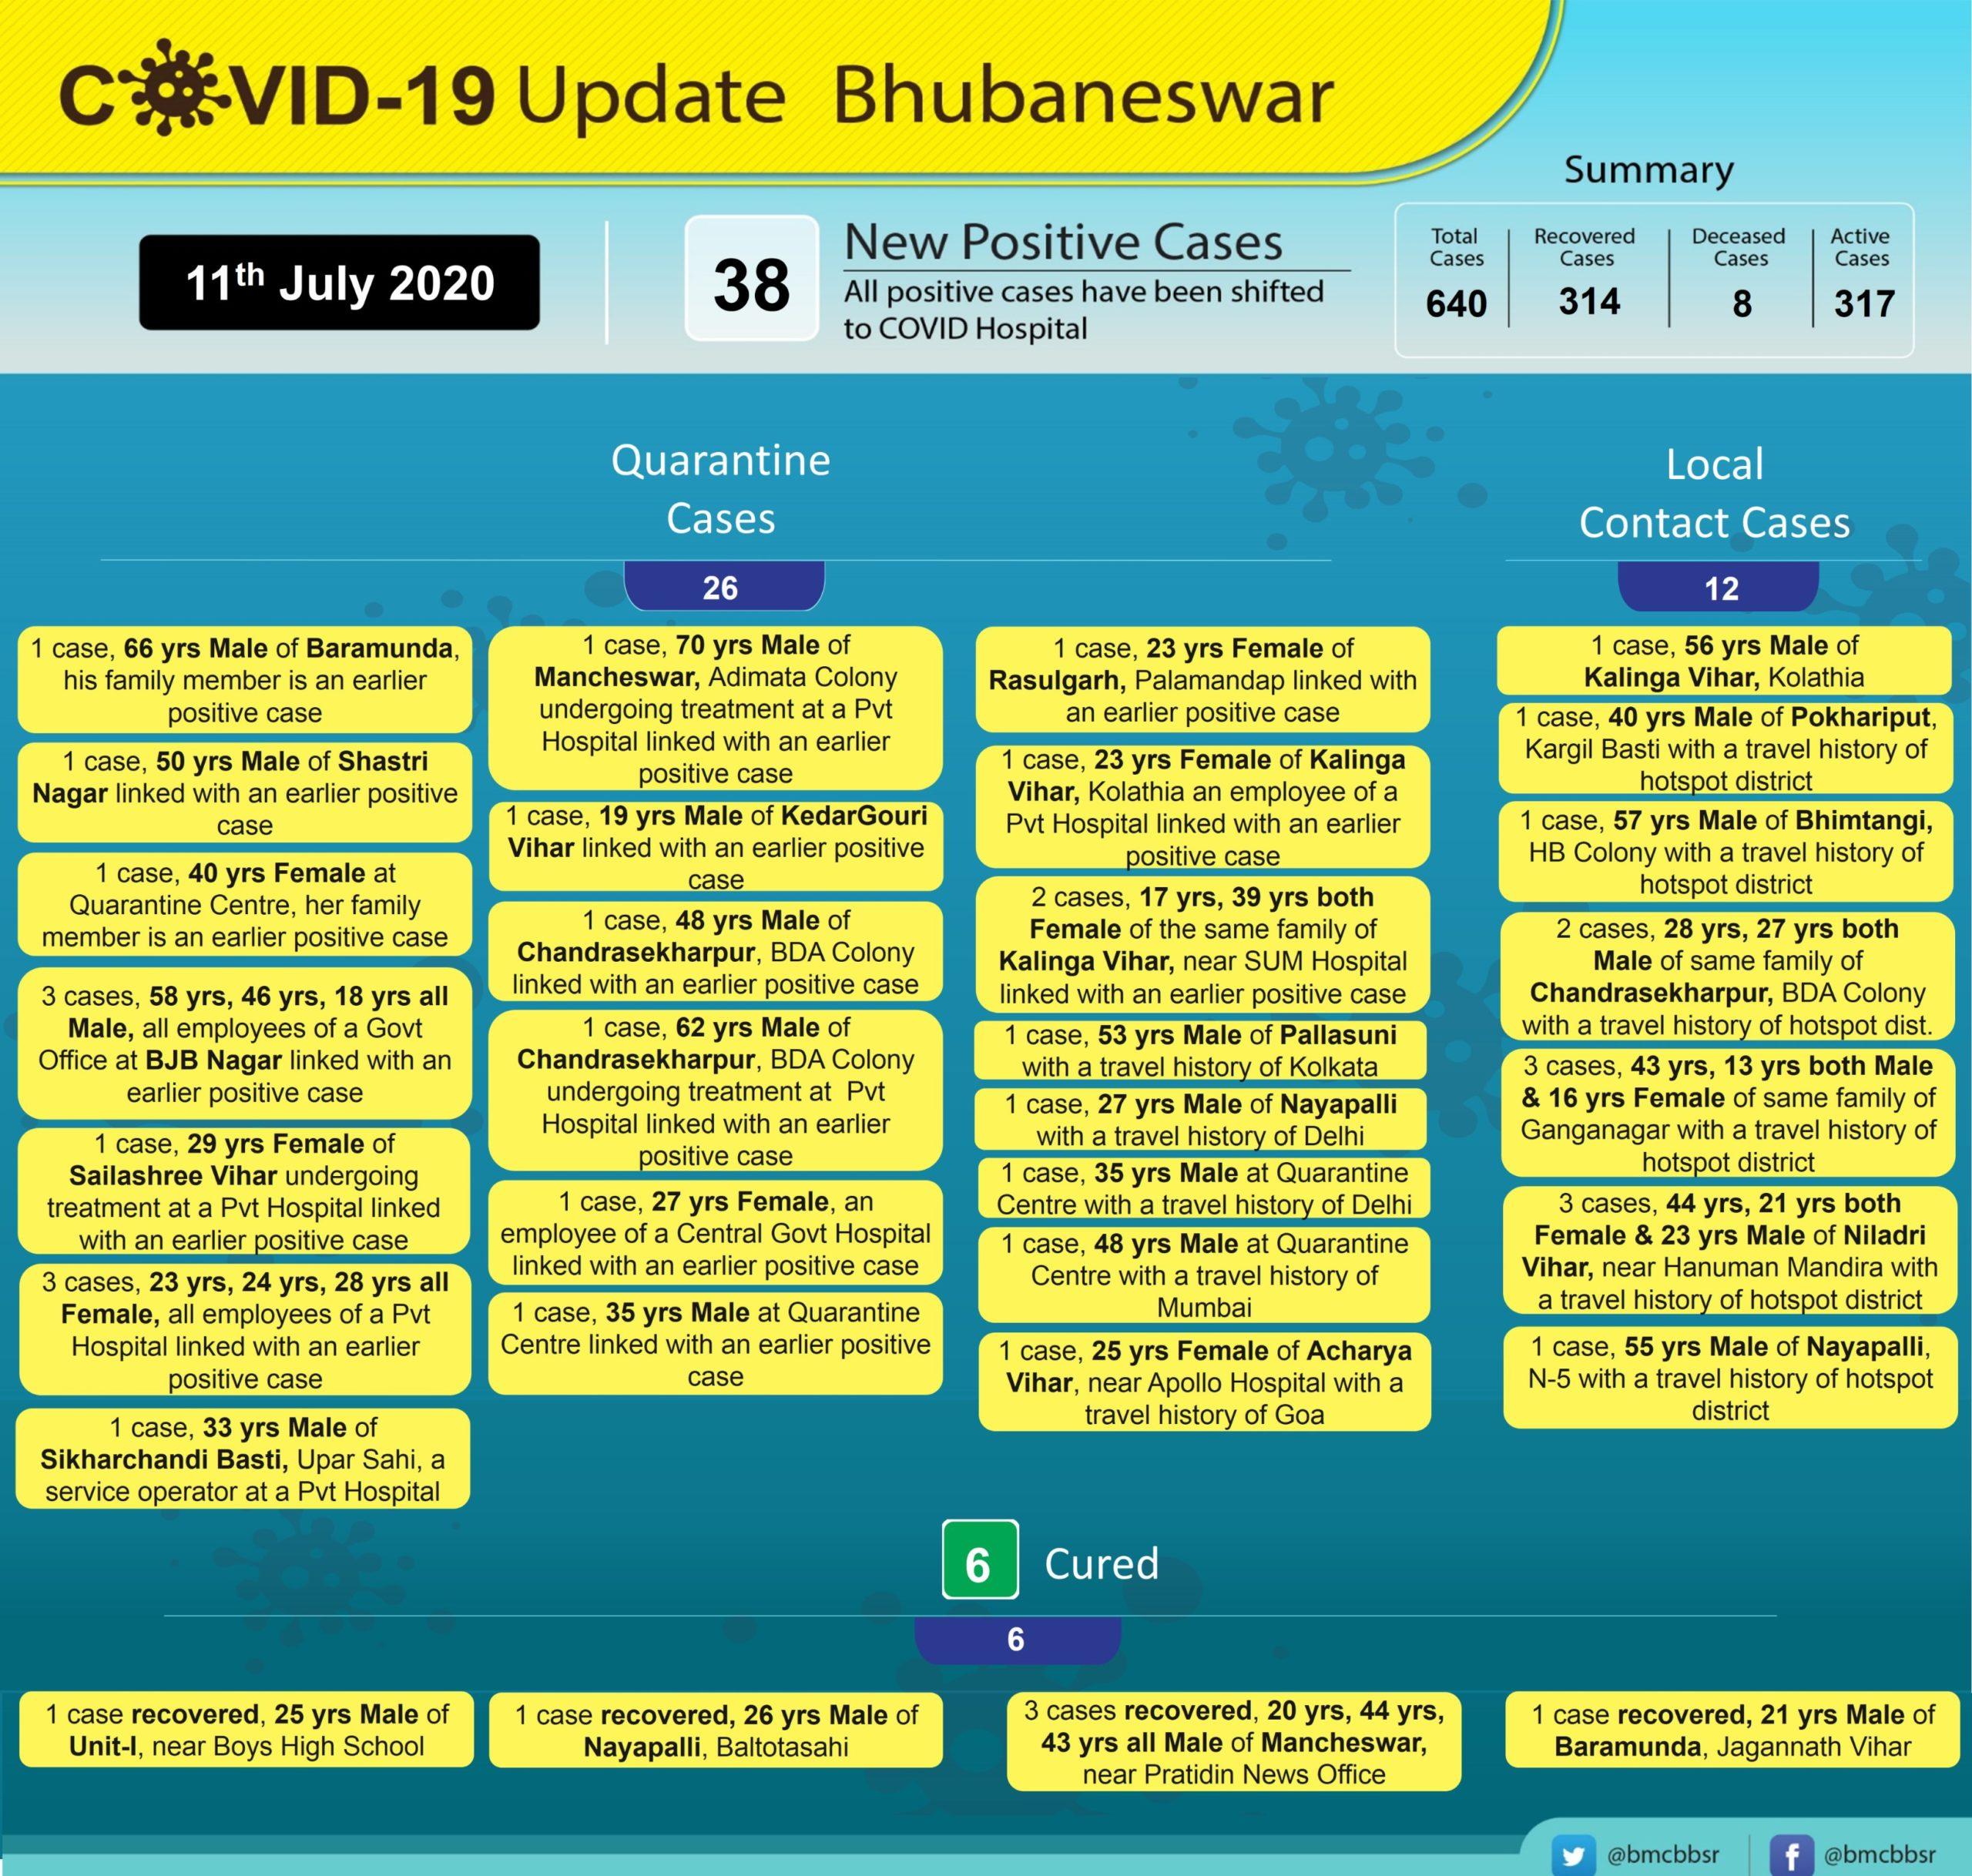 Bhubaneswar Corona News